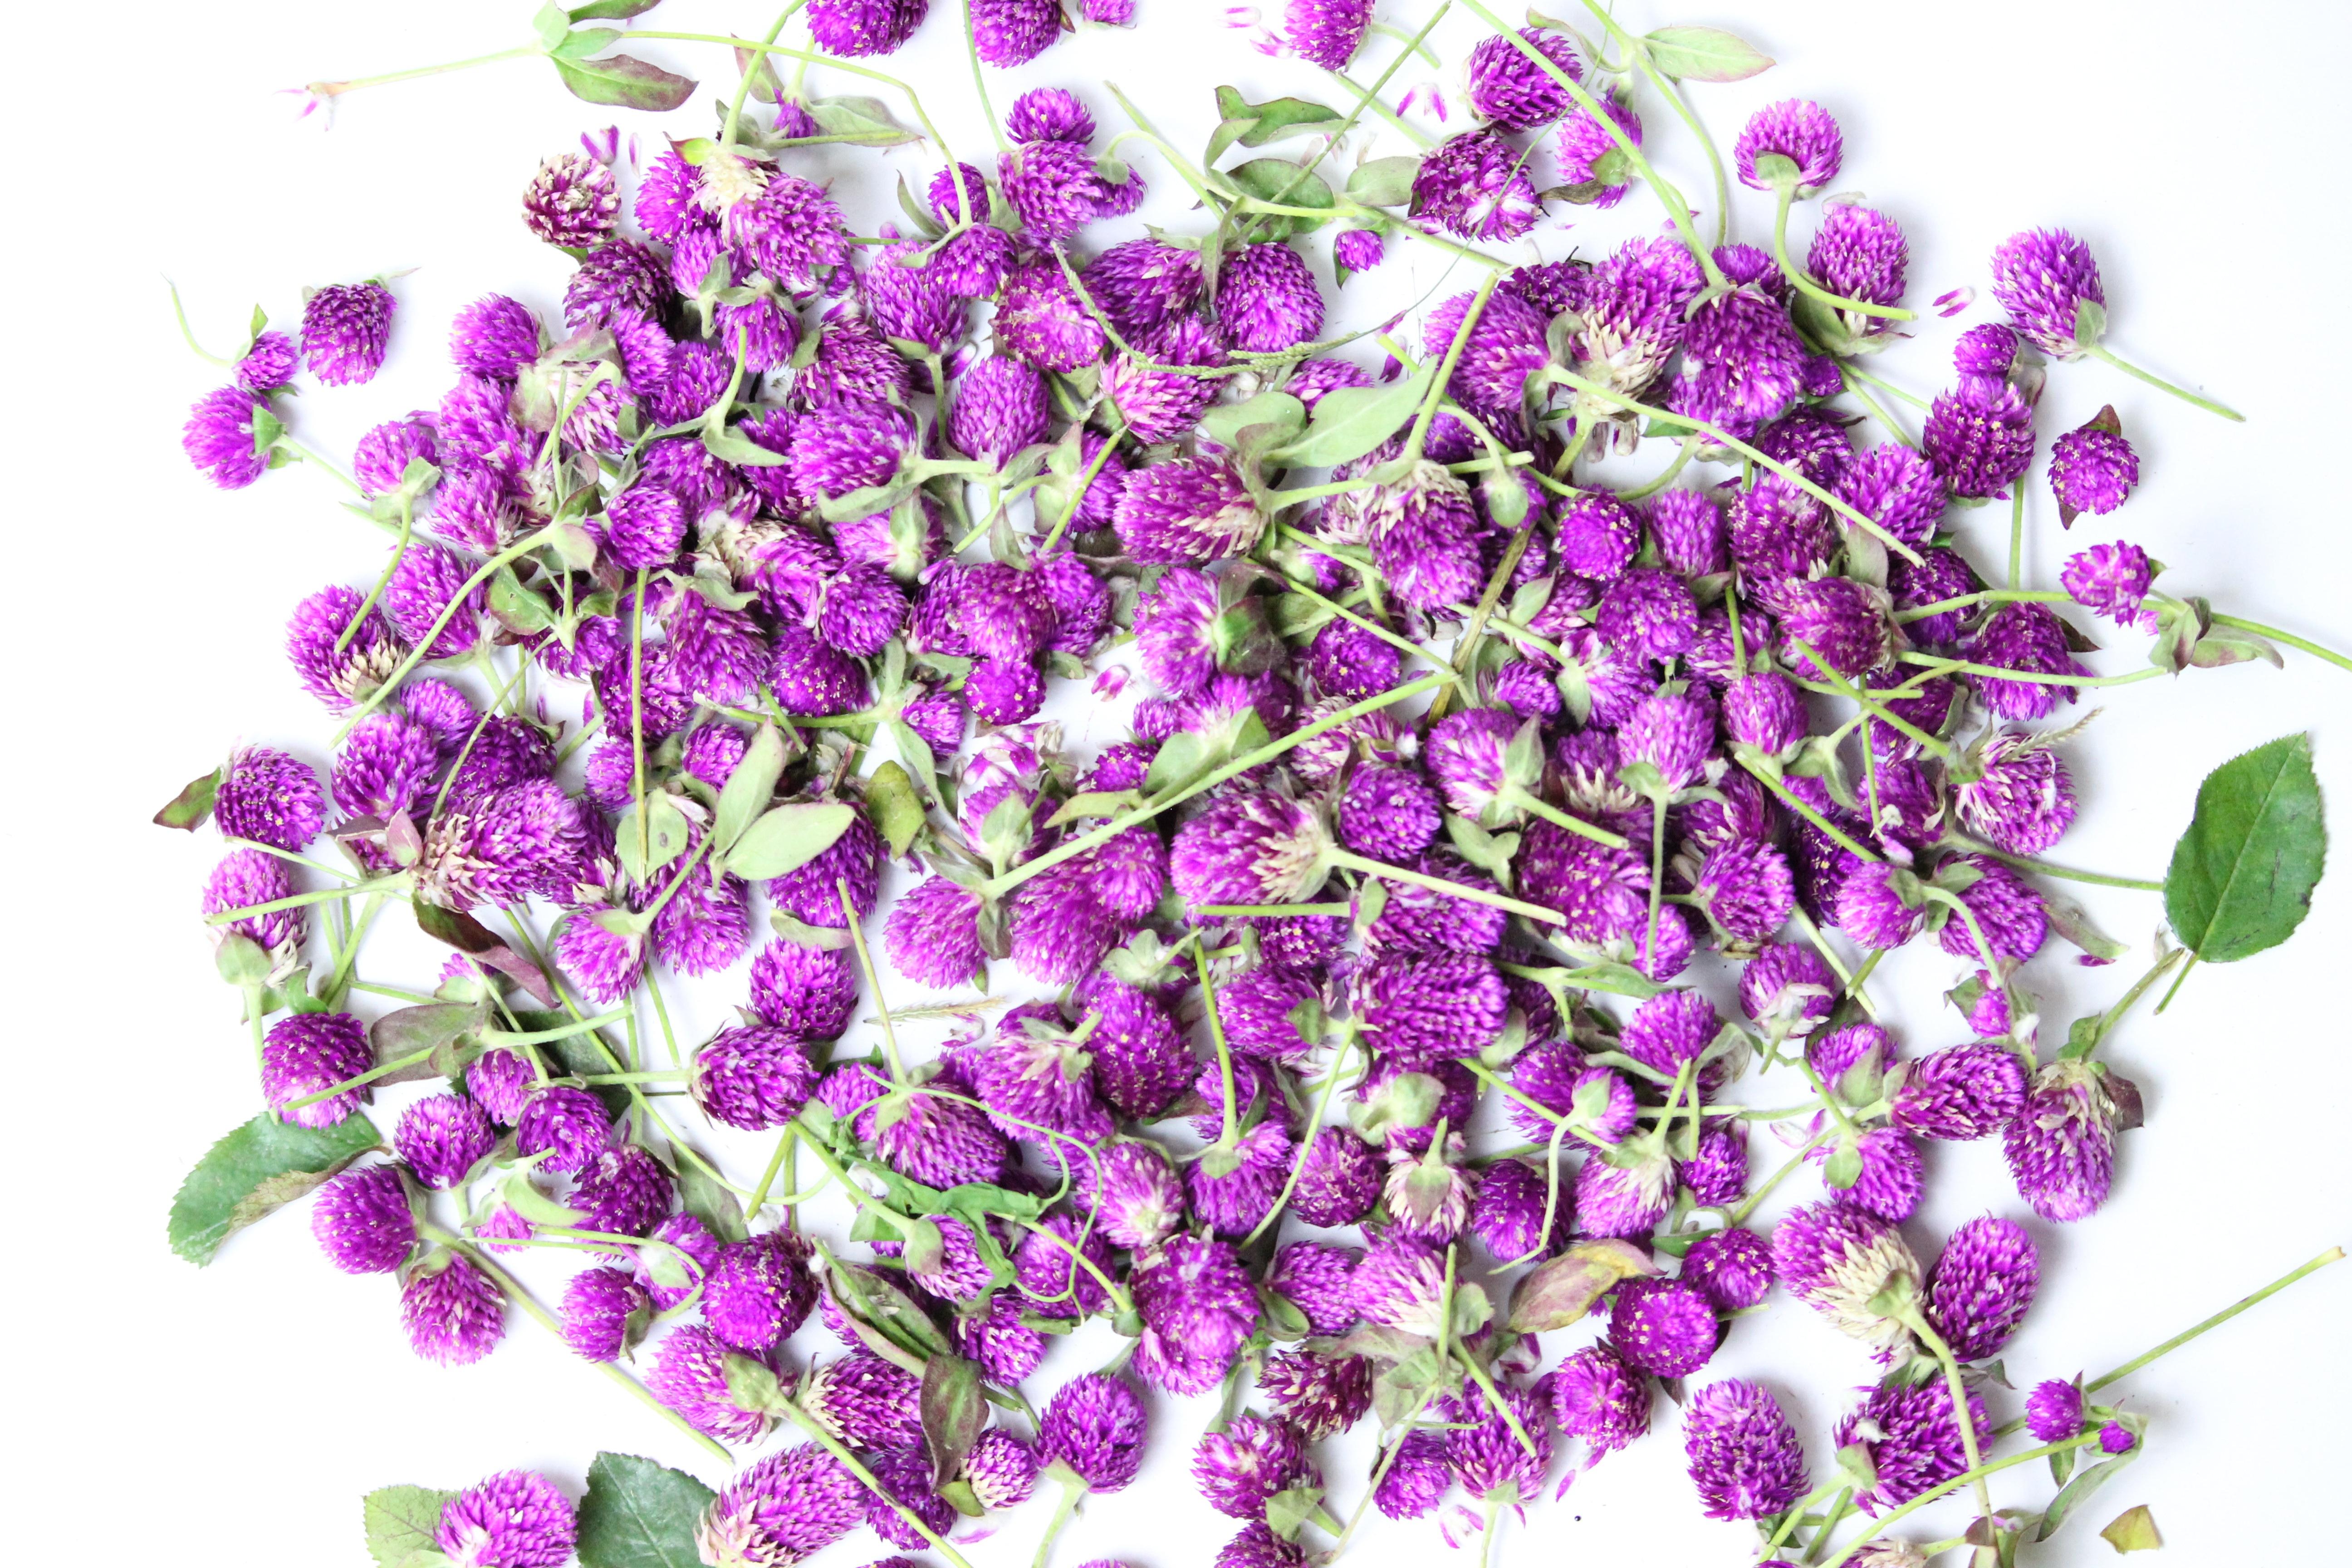 Immagini belle ramo fiore viola petalo erba lilla for Pianta fiori viola